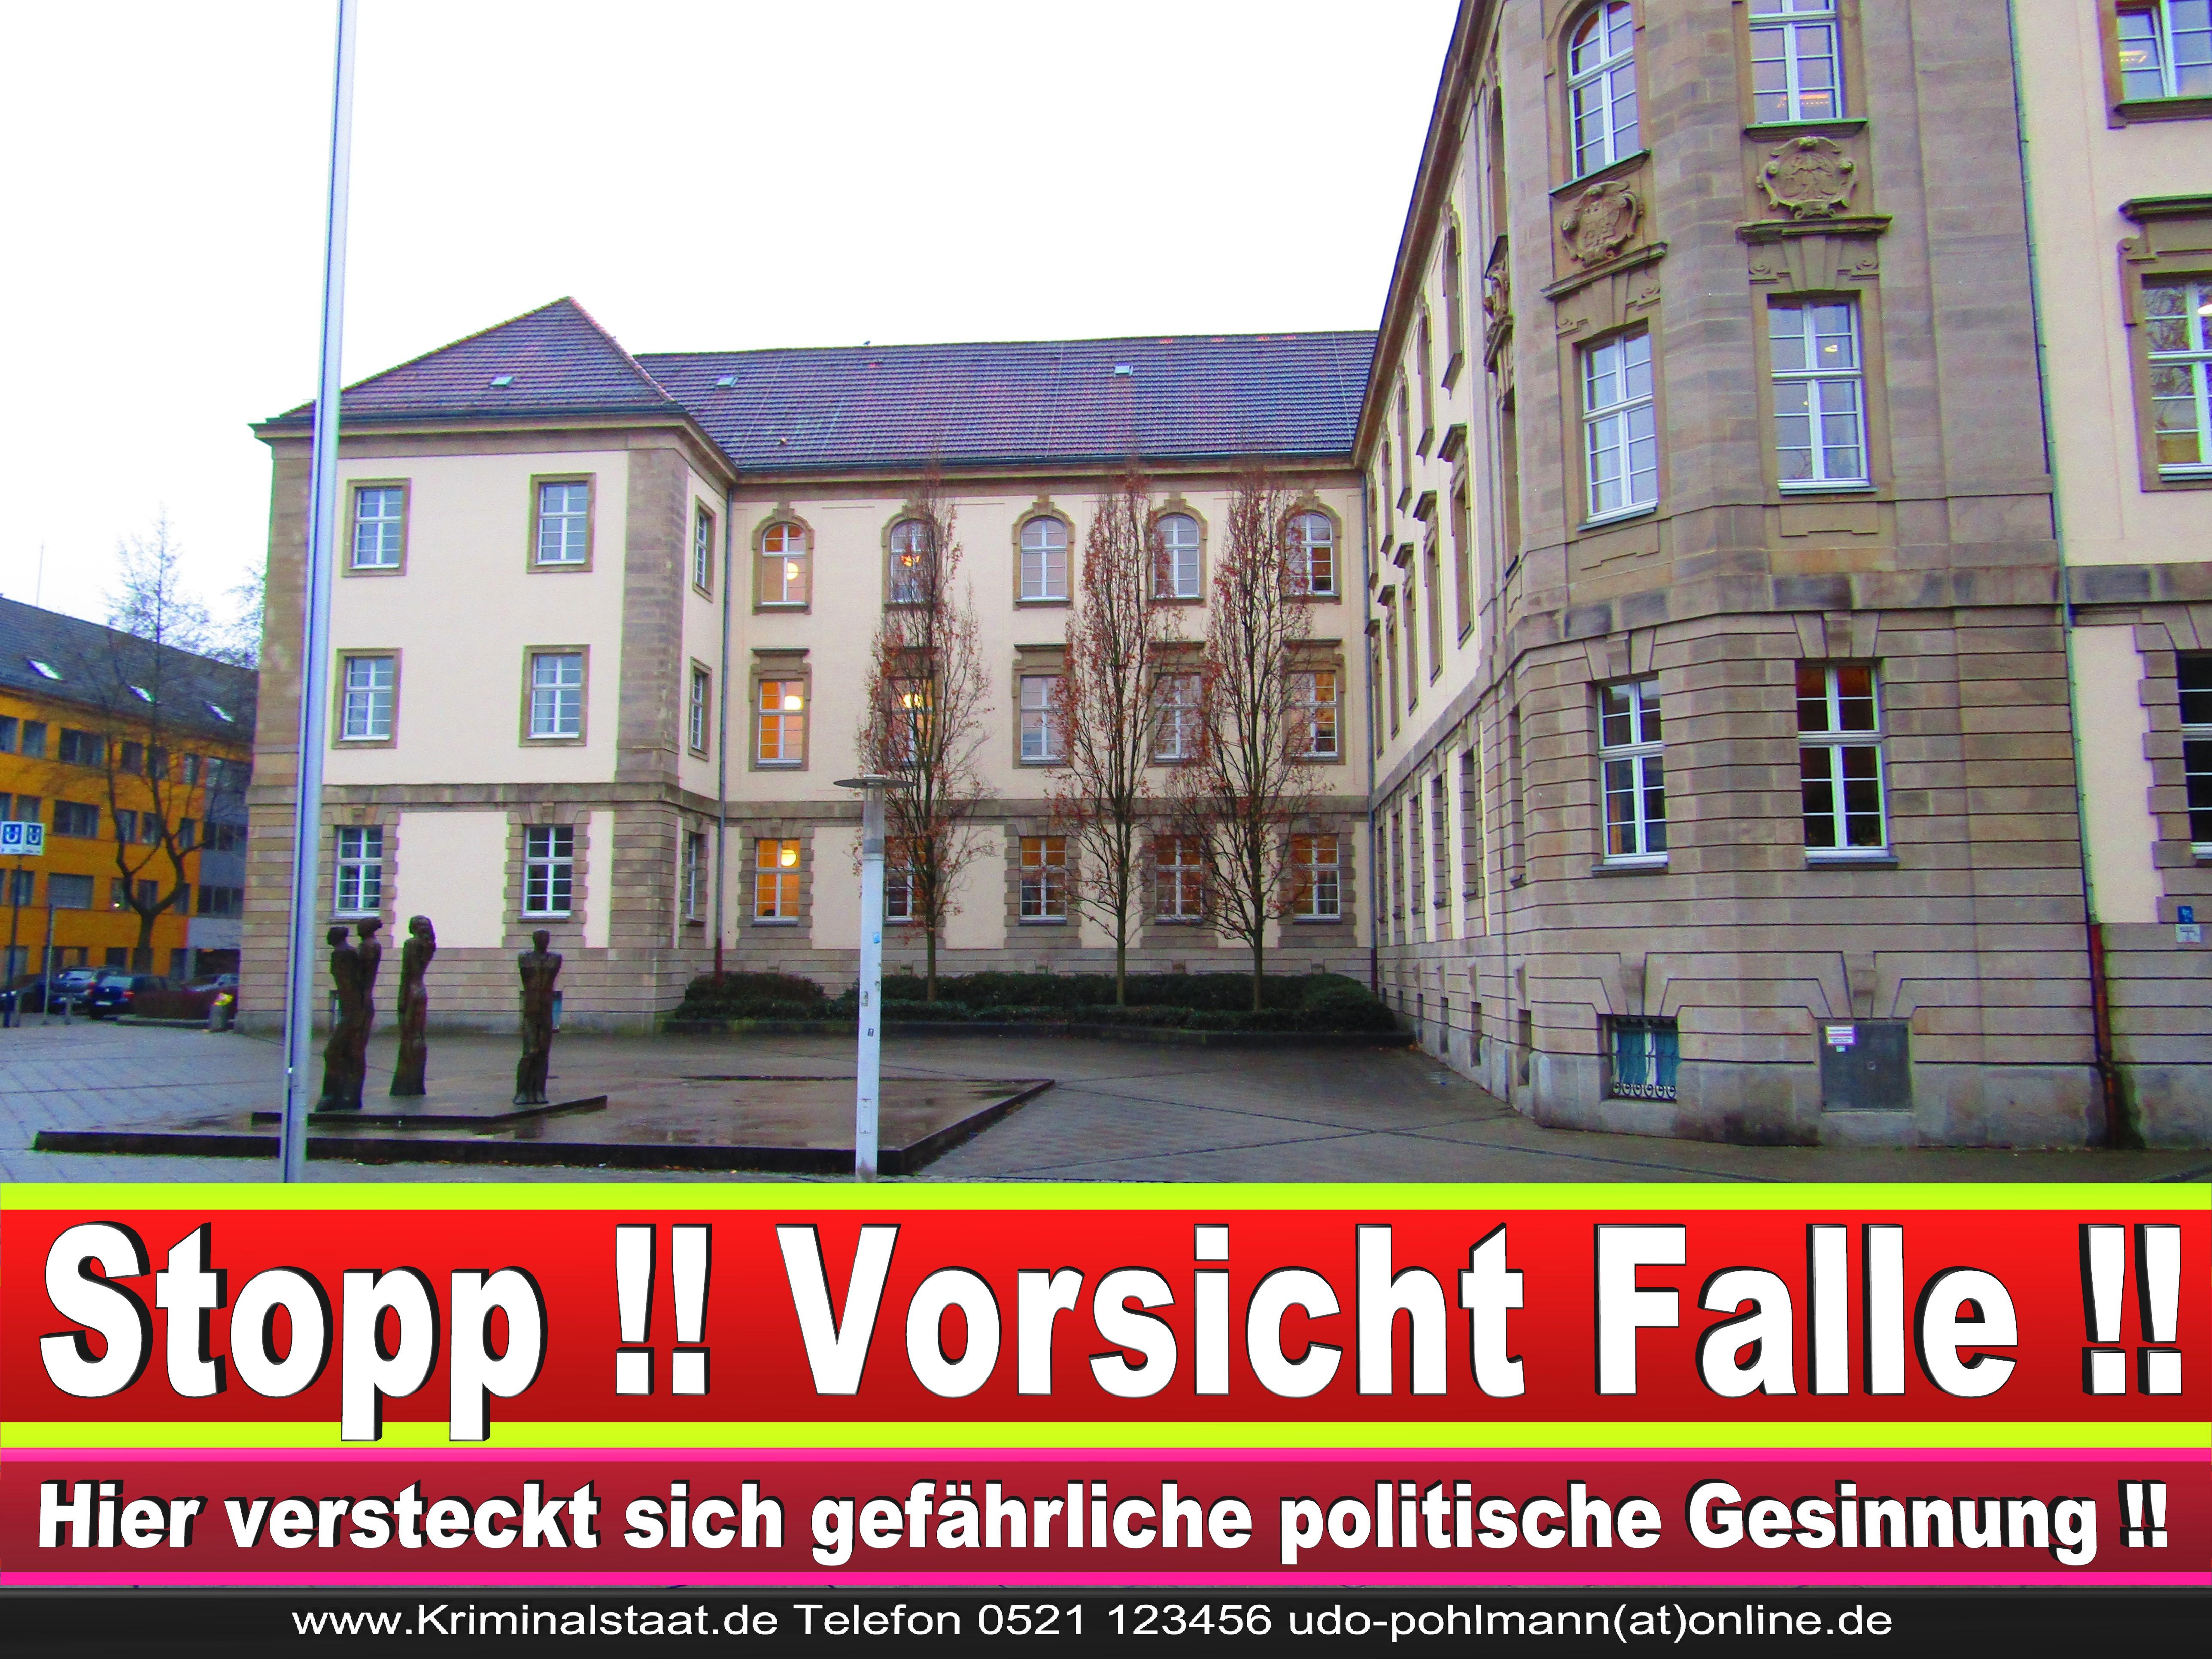 AMTSGERICHT DORTMUND RICHTER AUSBILDUNG PRAKTIKUM ANFAHRT URTEILE KORRUPTION POLIZEI ADRESSE DIREKTOR (15) 2